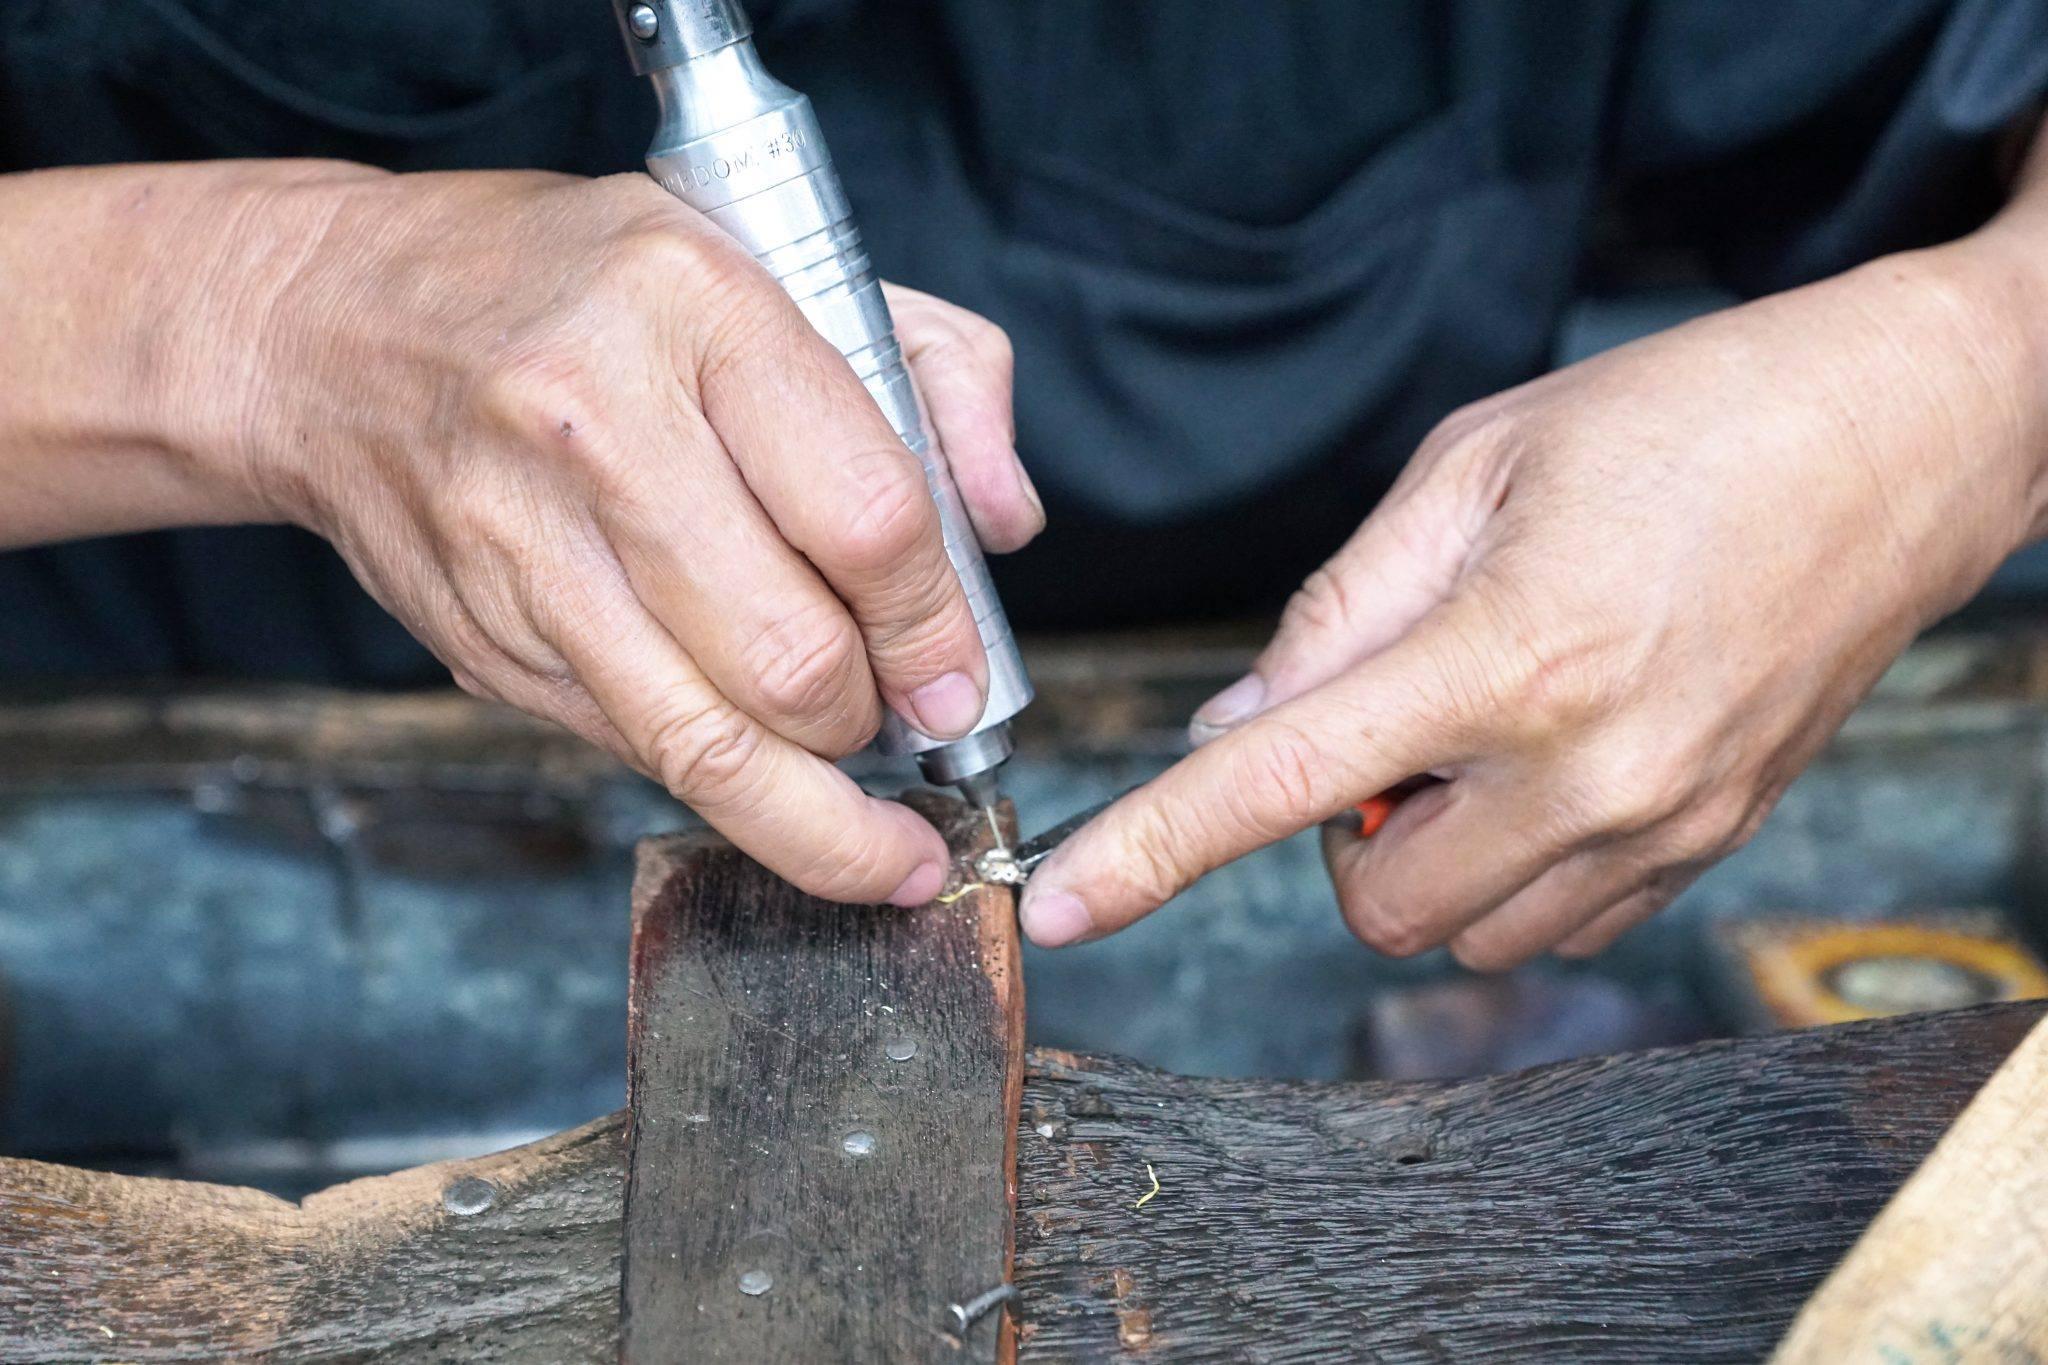 Worker craftsman solder